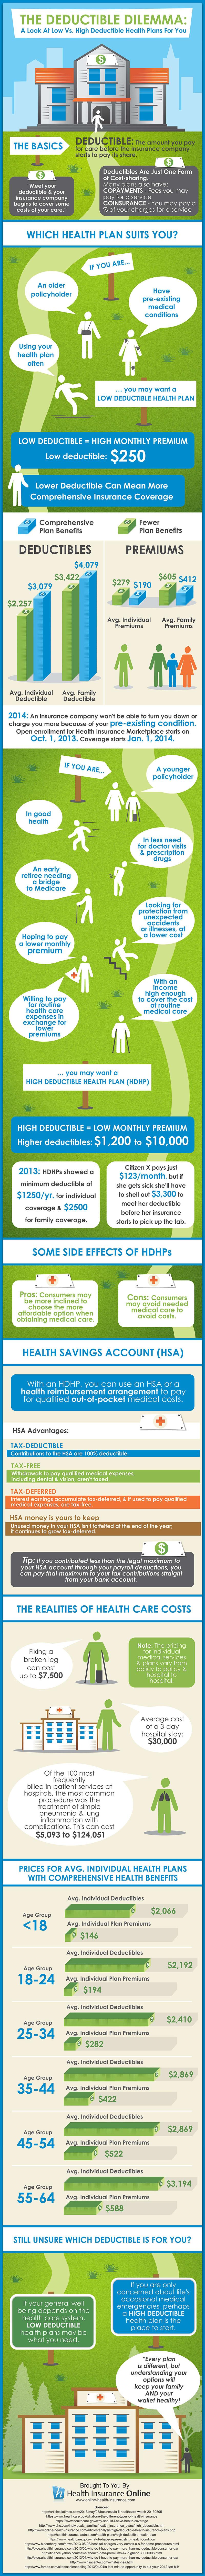 Comparison of Health Care Deductibles